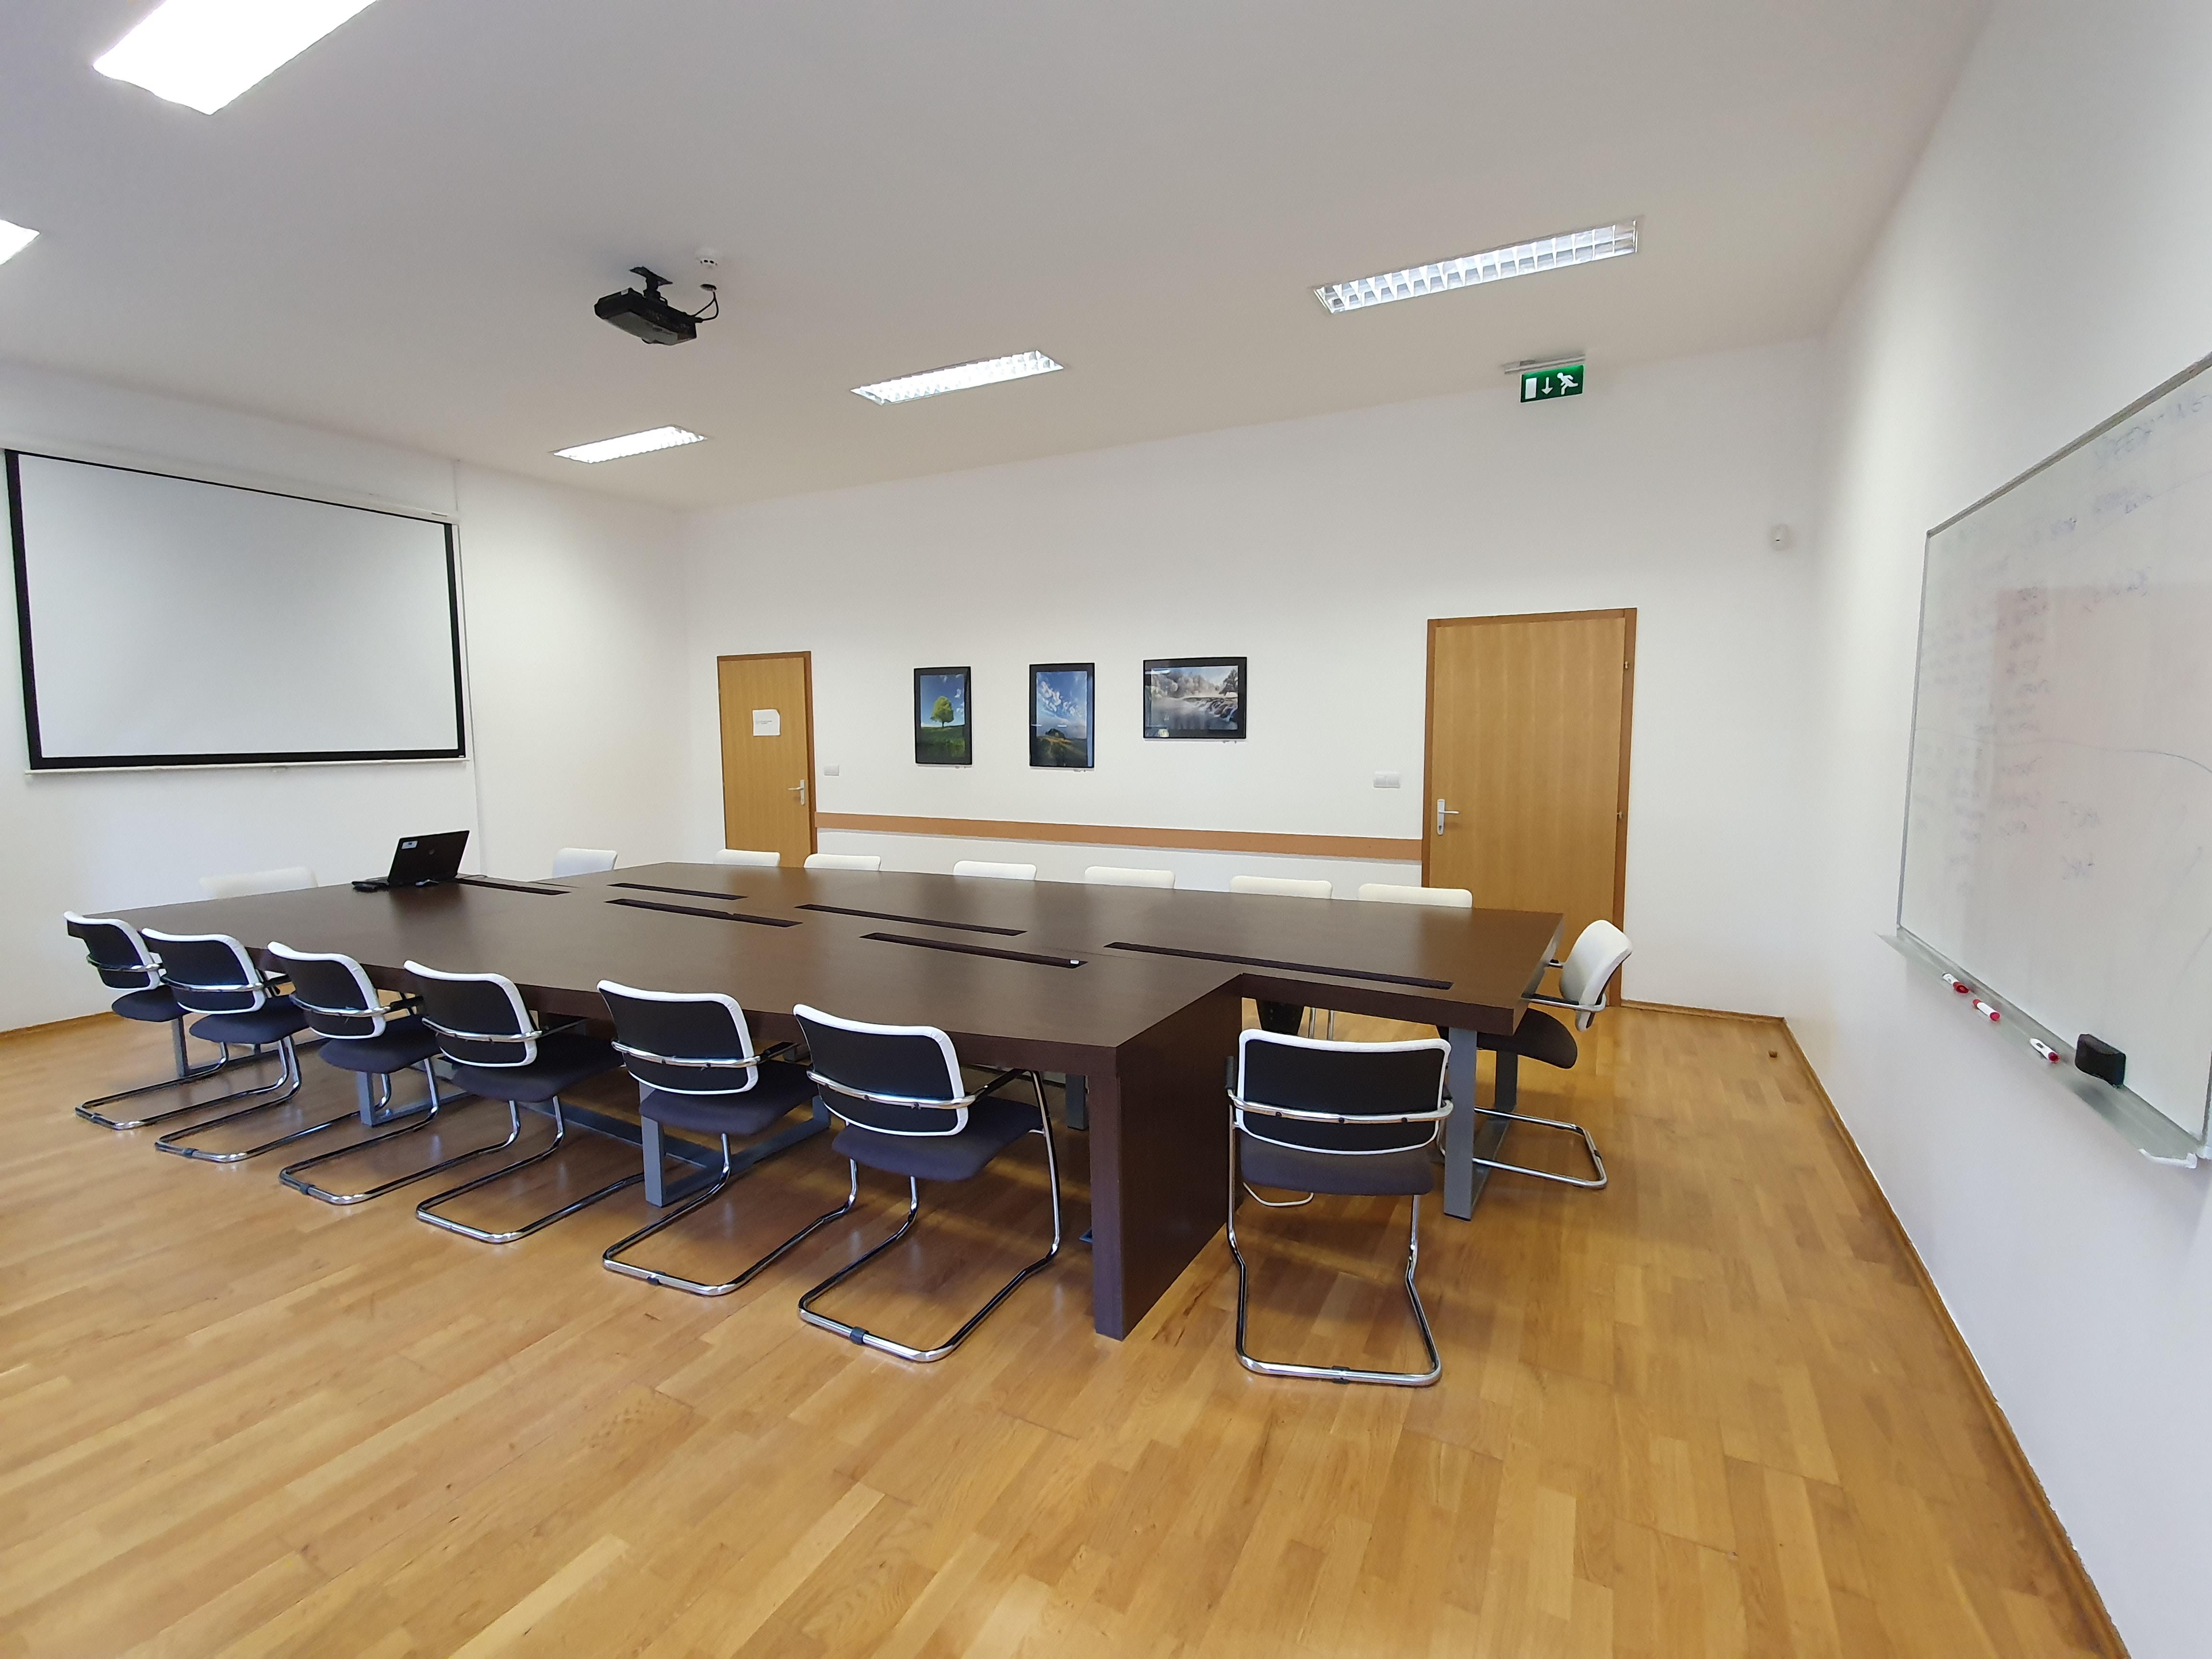 web stranice za najbolje sastanke 2012 je ležerno druženje